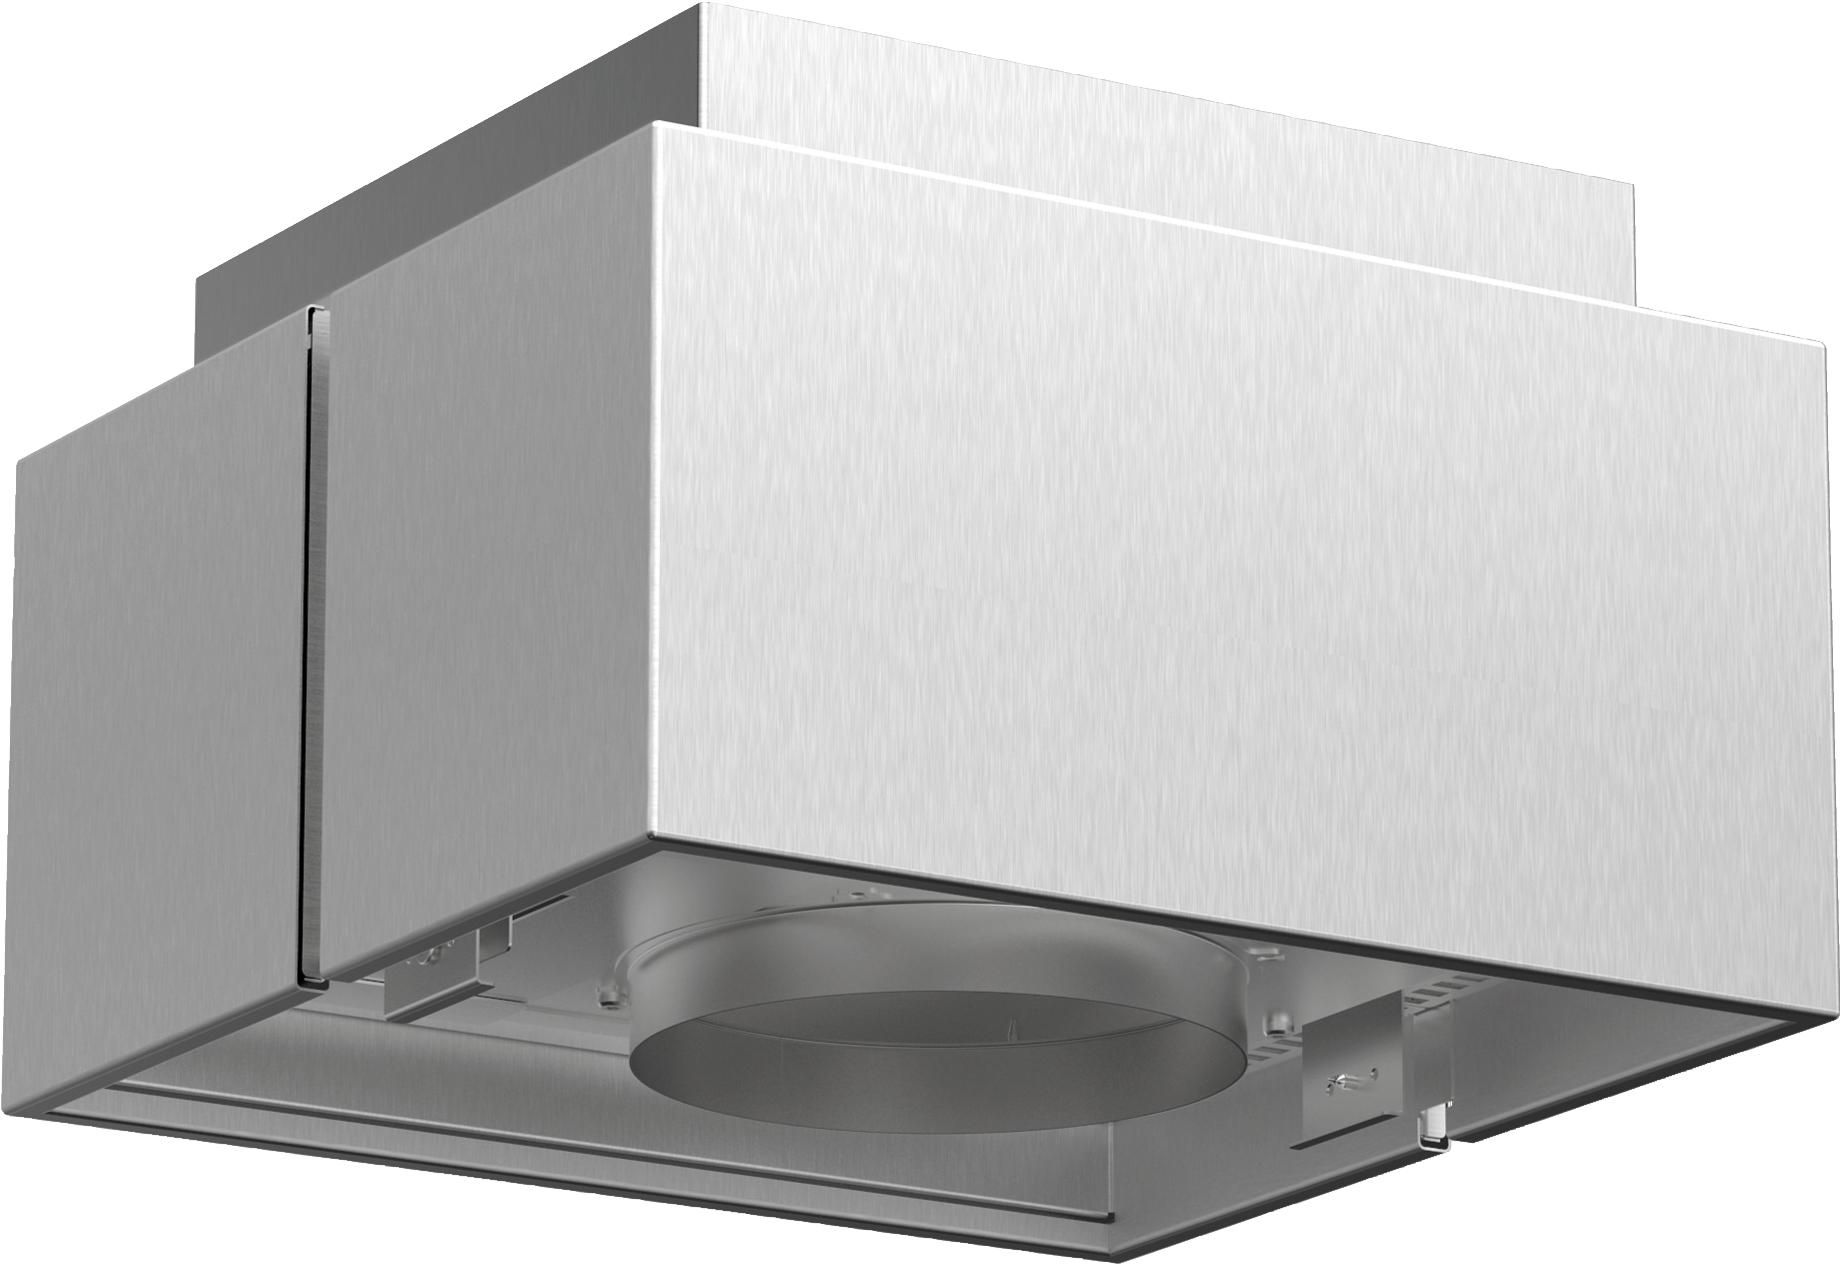 Sonderzubehör   Für Umluftbetrieb  Kombinierbar mit Inselessen  Deutlich verbesserte Geruchsbeseitigung gegenüber konventionellem Umluft-Filtersystem  Geräuschreduzierung  Verlängertes Wechselintervall der Filtereinheit  Bestehend aus Designblende